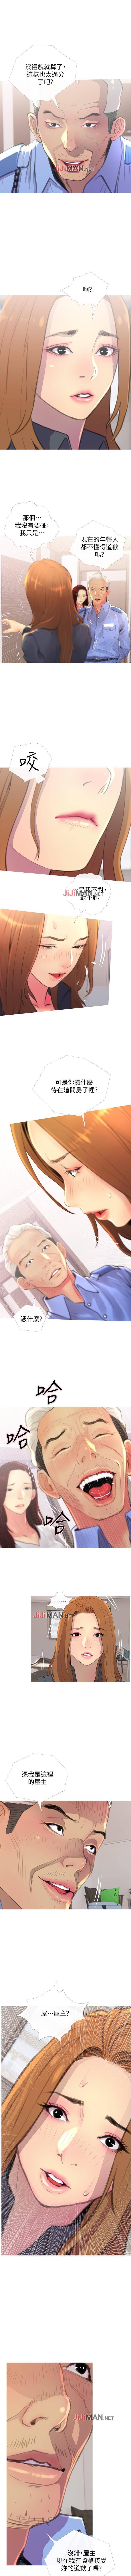 【周五连载】主妇危机(作者:查爾斯&漢水) 第1~26话 17